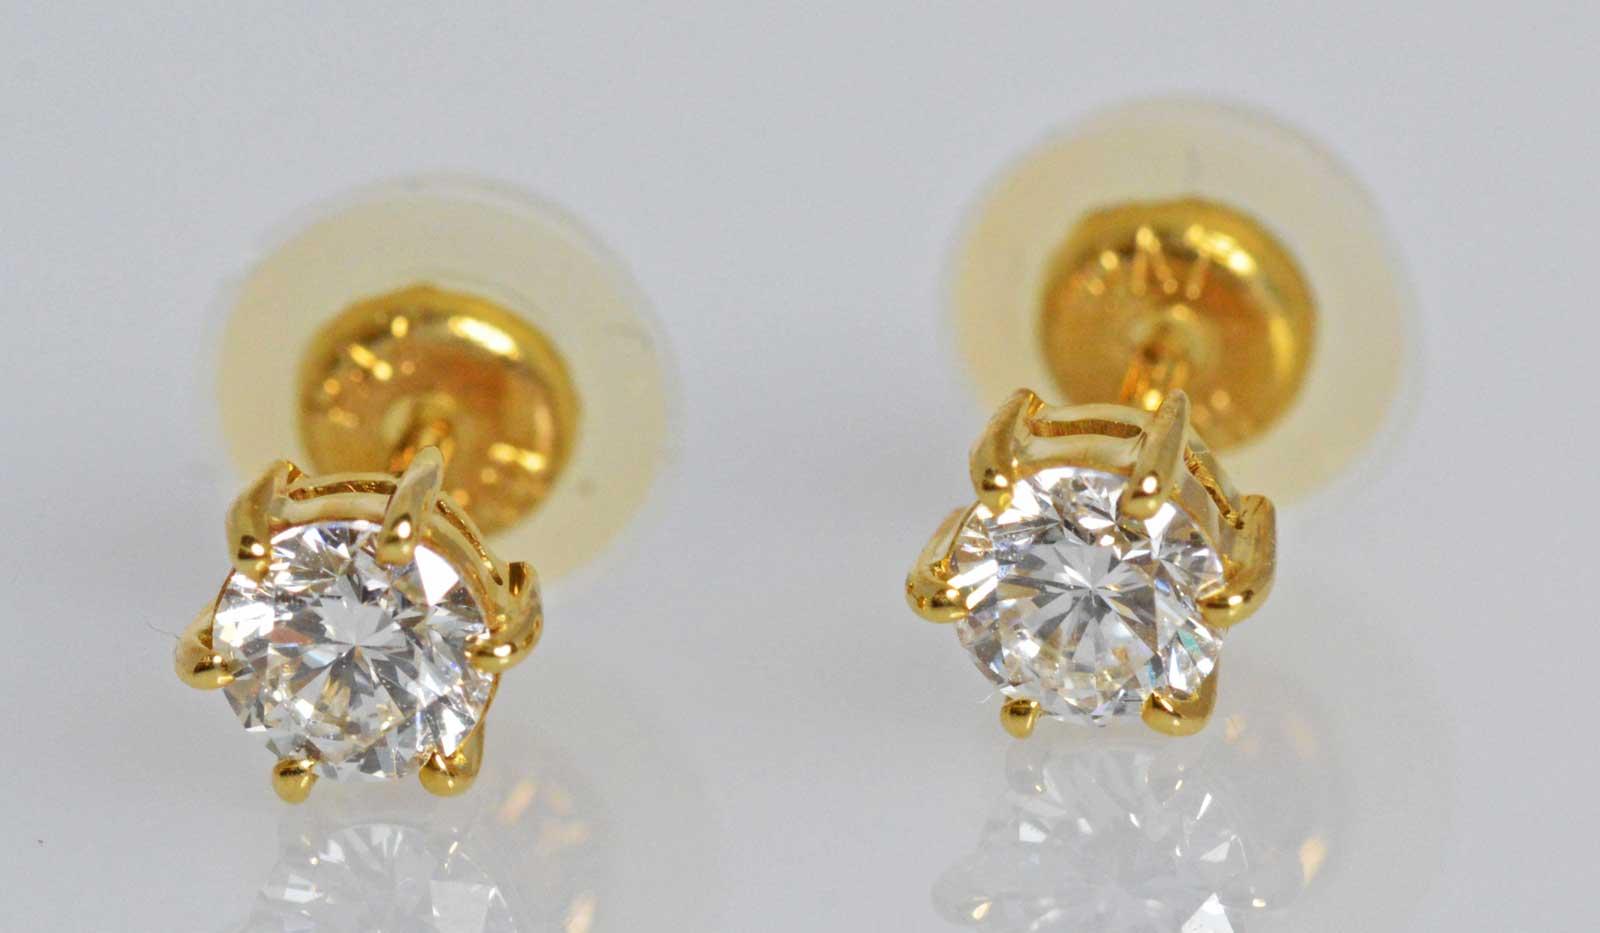 (1291) 【ジュエリー(ノンブランド)】 K18 ダイヤ ピアス 0.20ct 0.19ct 一粒ダイヤ [ノンブランドジュエリー] 【中古】